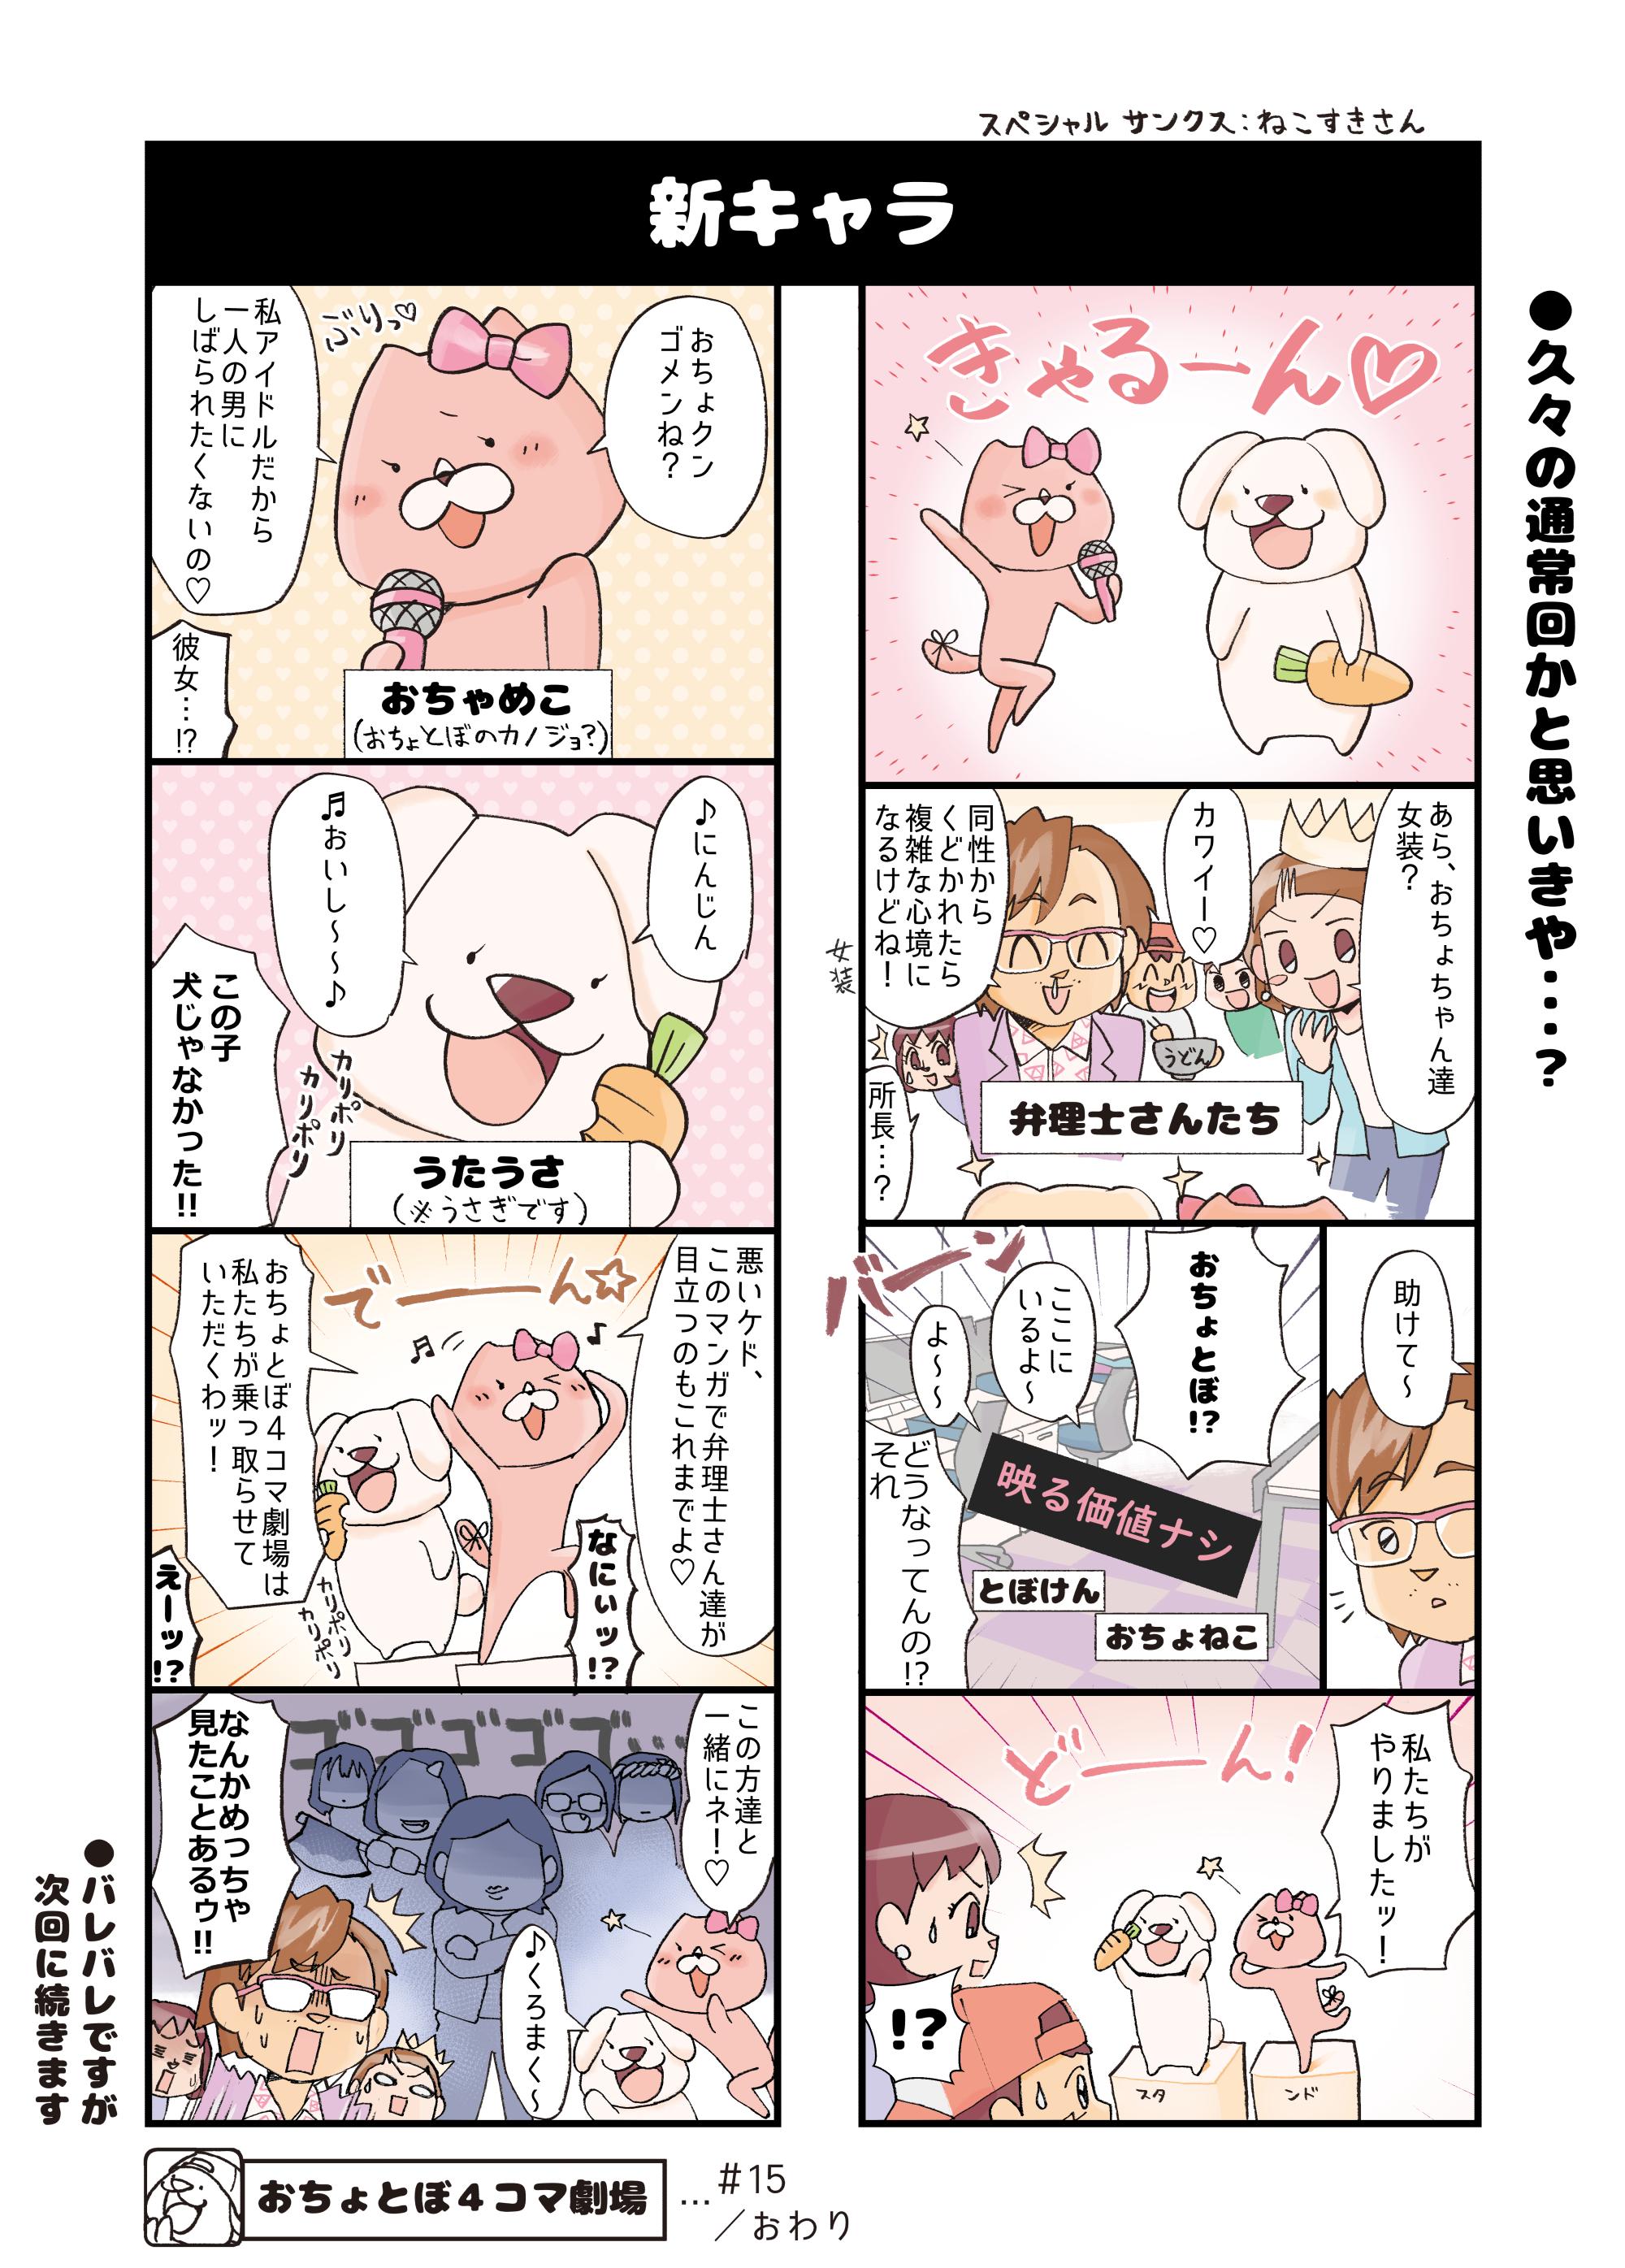 【おちょとぼ4コマ劇場#15】刺客登場